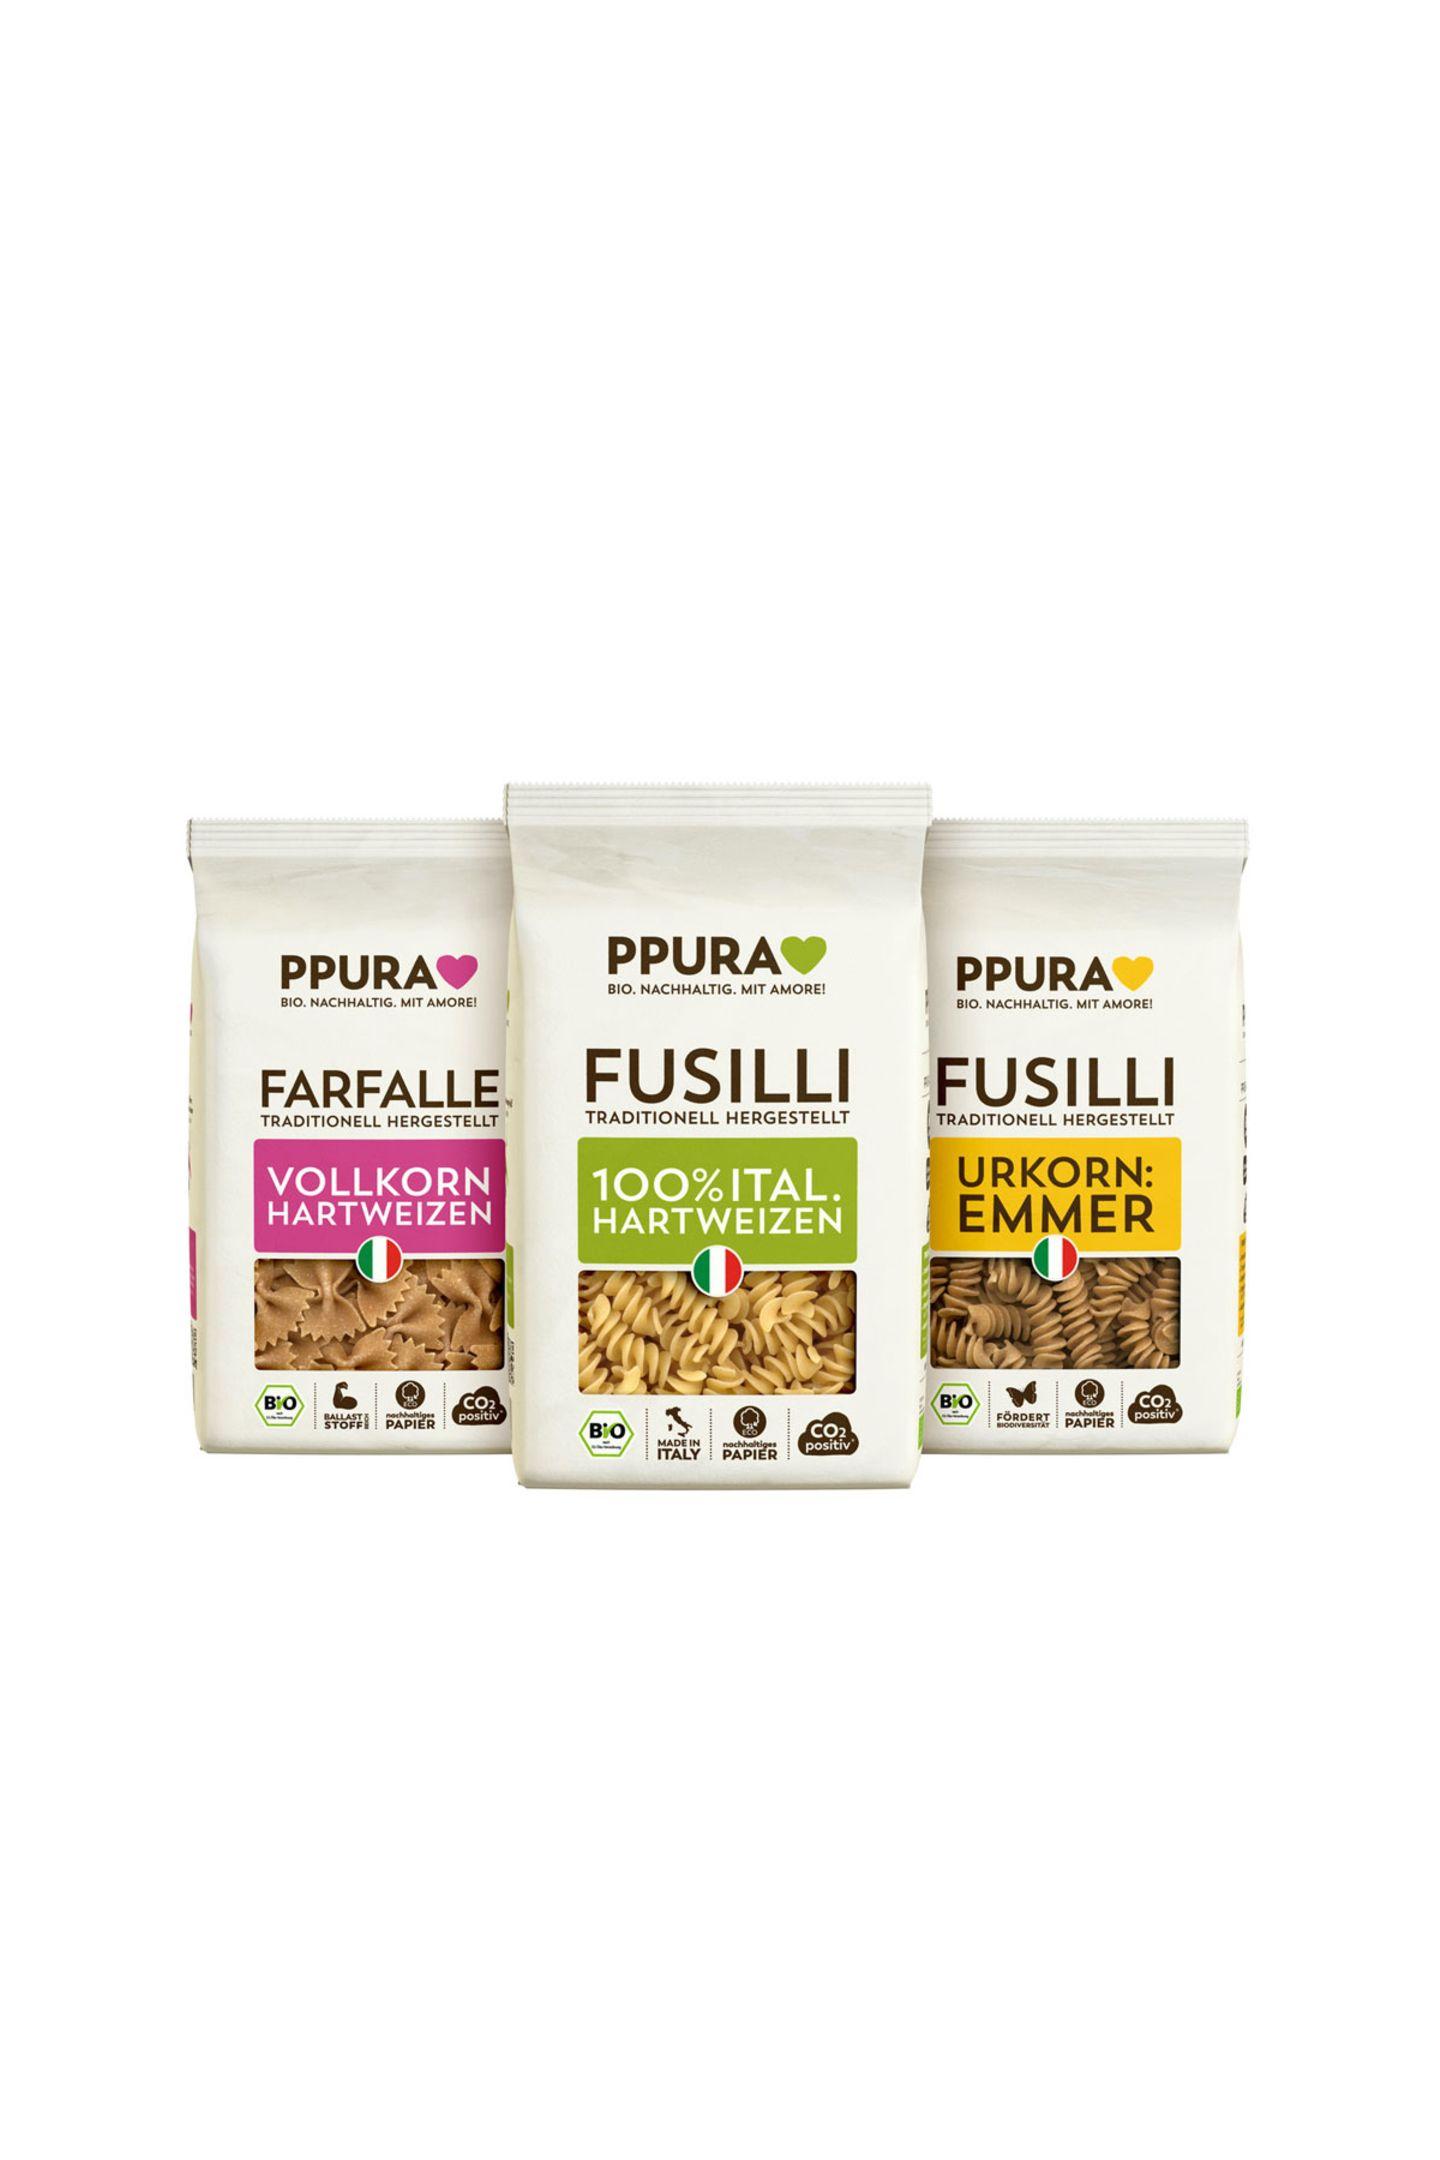 Pasta mit Passion100% Qualität, echtes Handwerk und bester Geschmack – das verspricht die Bio-Produktpalette ohne Aromen, Konservierungsstoffe, Geschmacksverstärker oder Zusätze. Pasta von Ppura, ca. 2 Euro (500 Gramm)